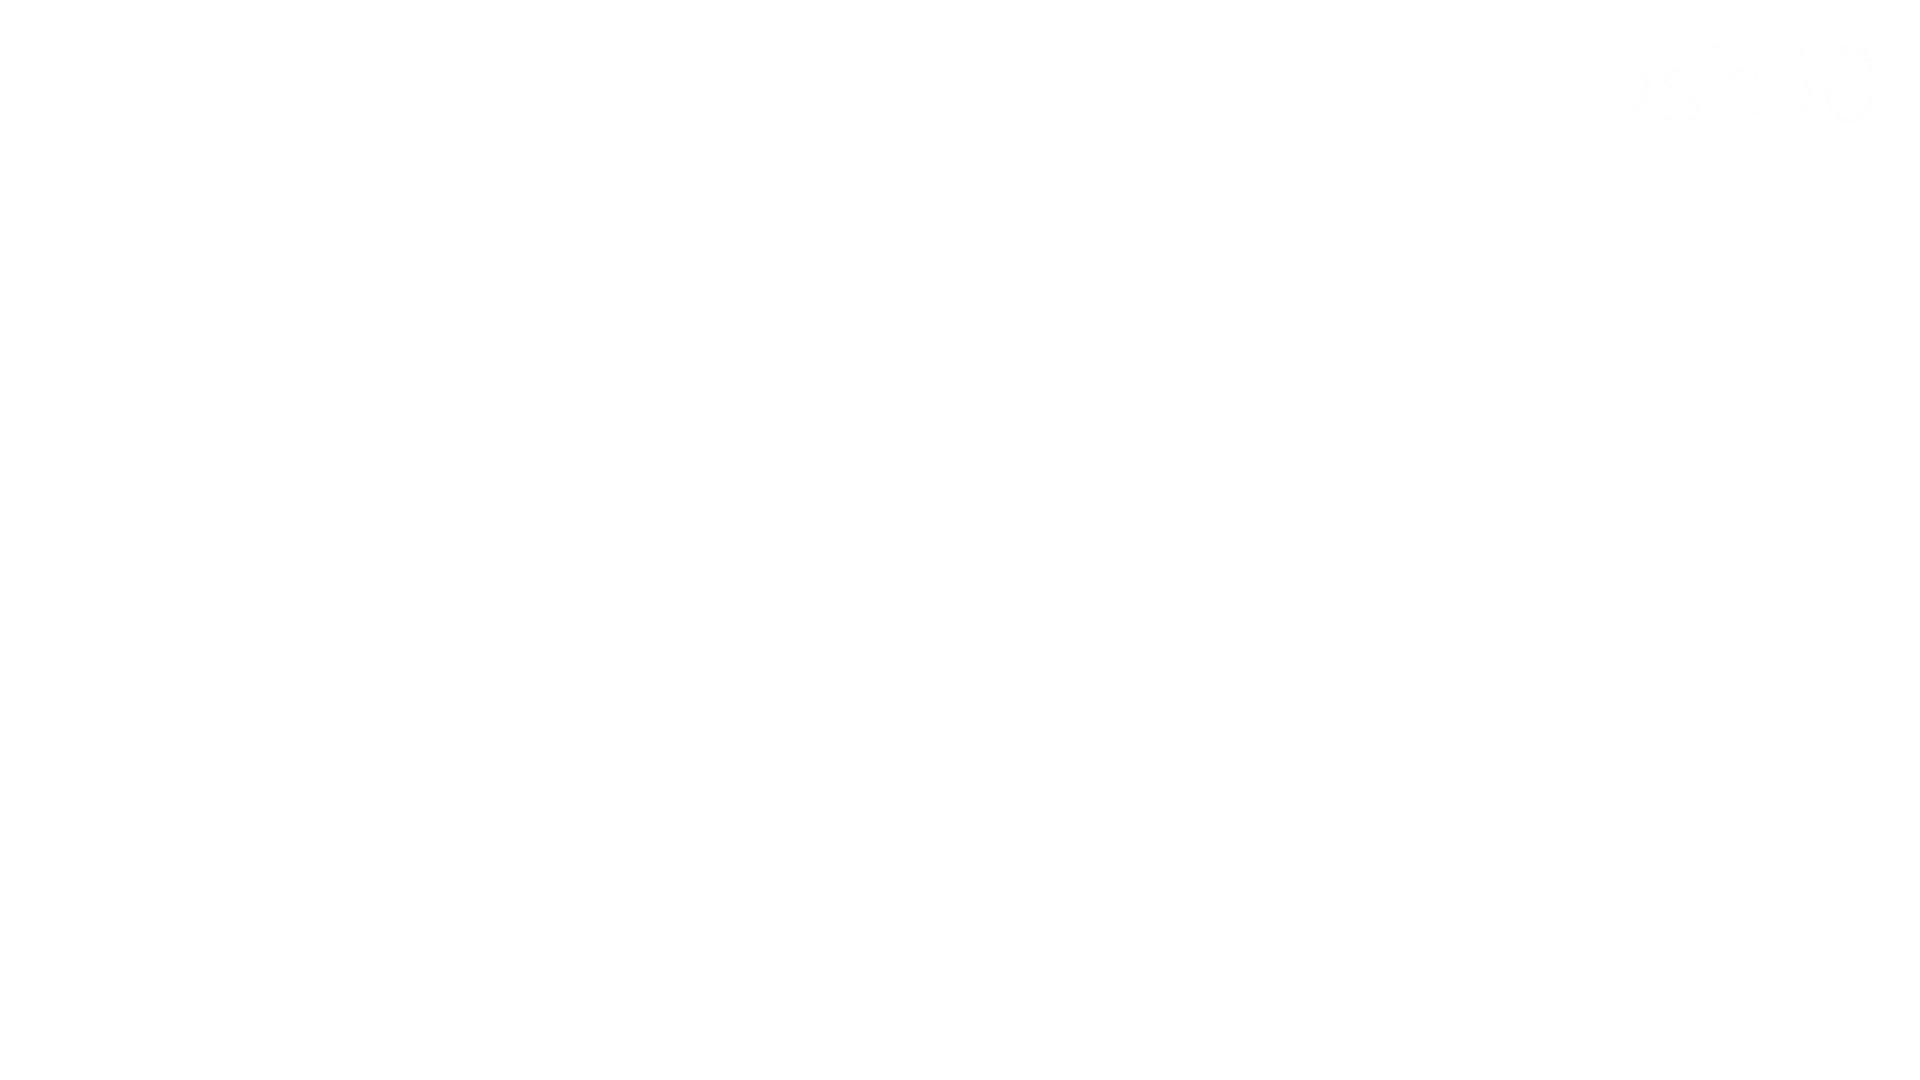 ▲復活限定▲ハイビジョン 盗神伝 Vol.30 OLのボディ | 0  64PIX 3